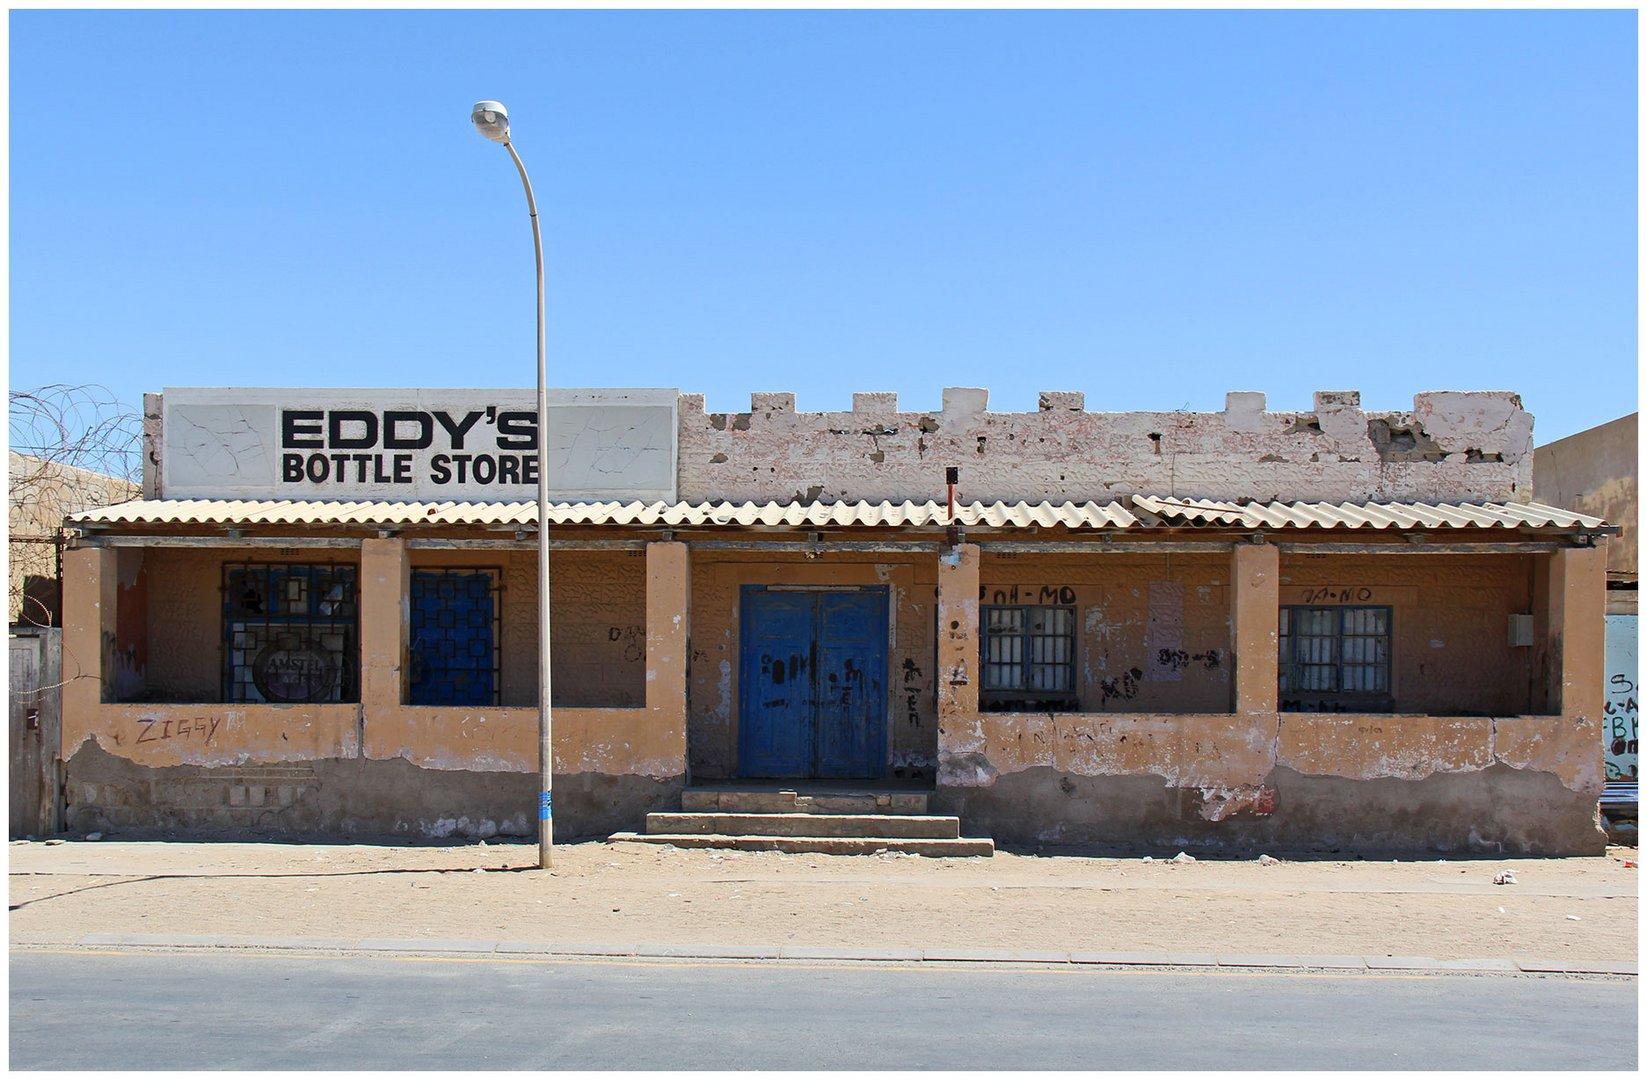 Eddy's Bottle Store